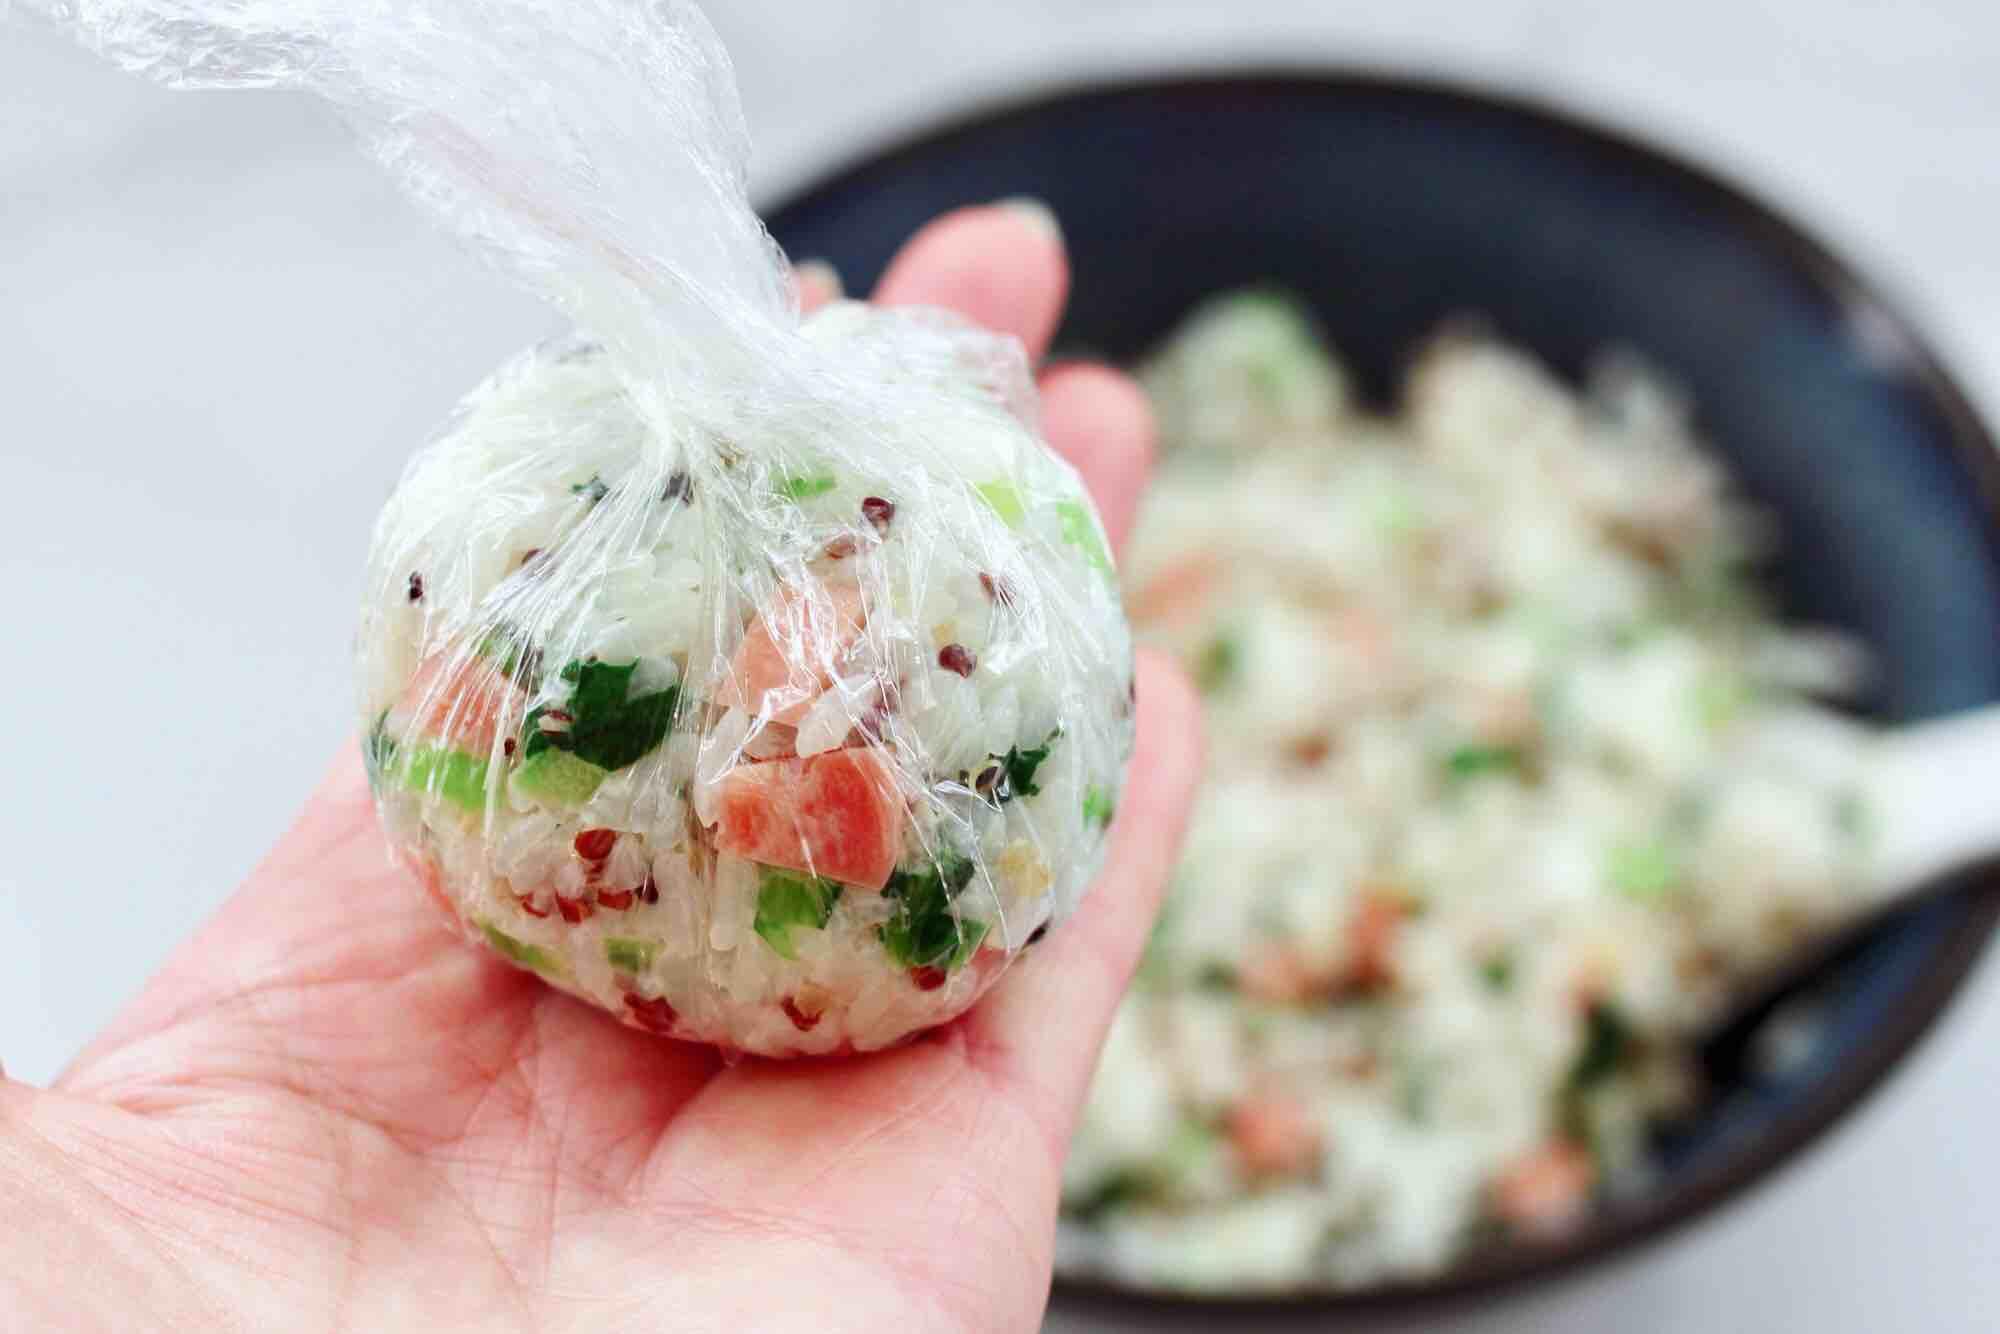 三色藜麦青菜饭团怎样煮